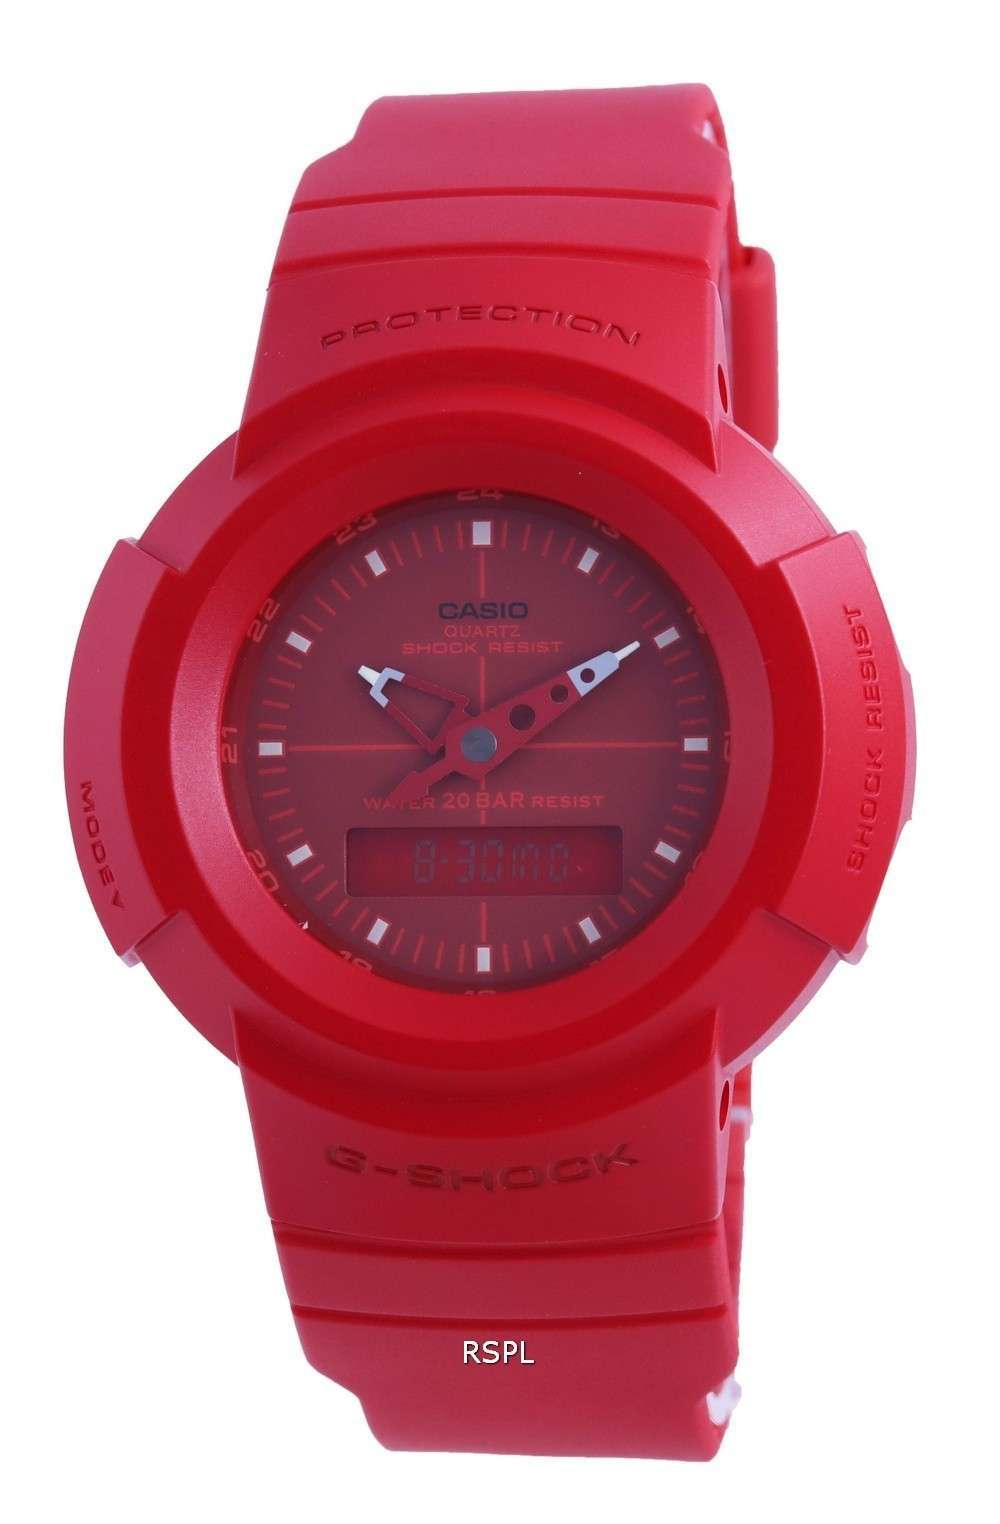 Reloj Casio G-Shock estándar analógico digital automático AW-500BB-4E AW500BB-4 200M para hombre